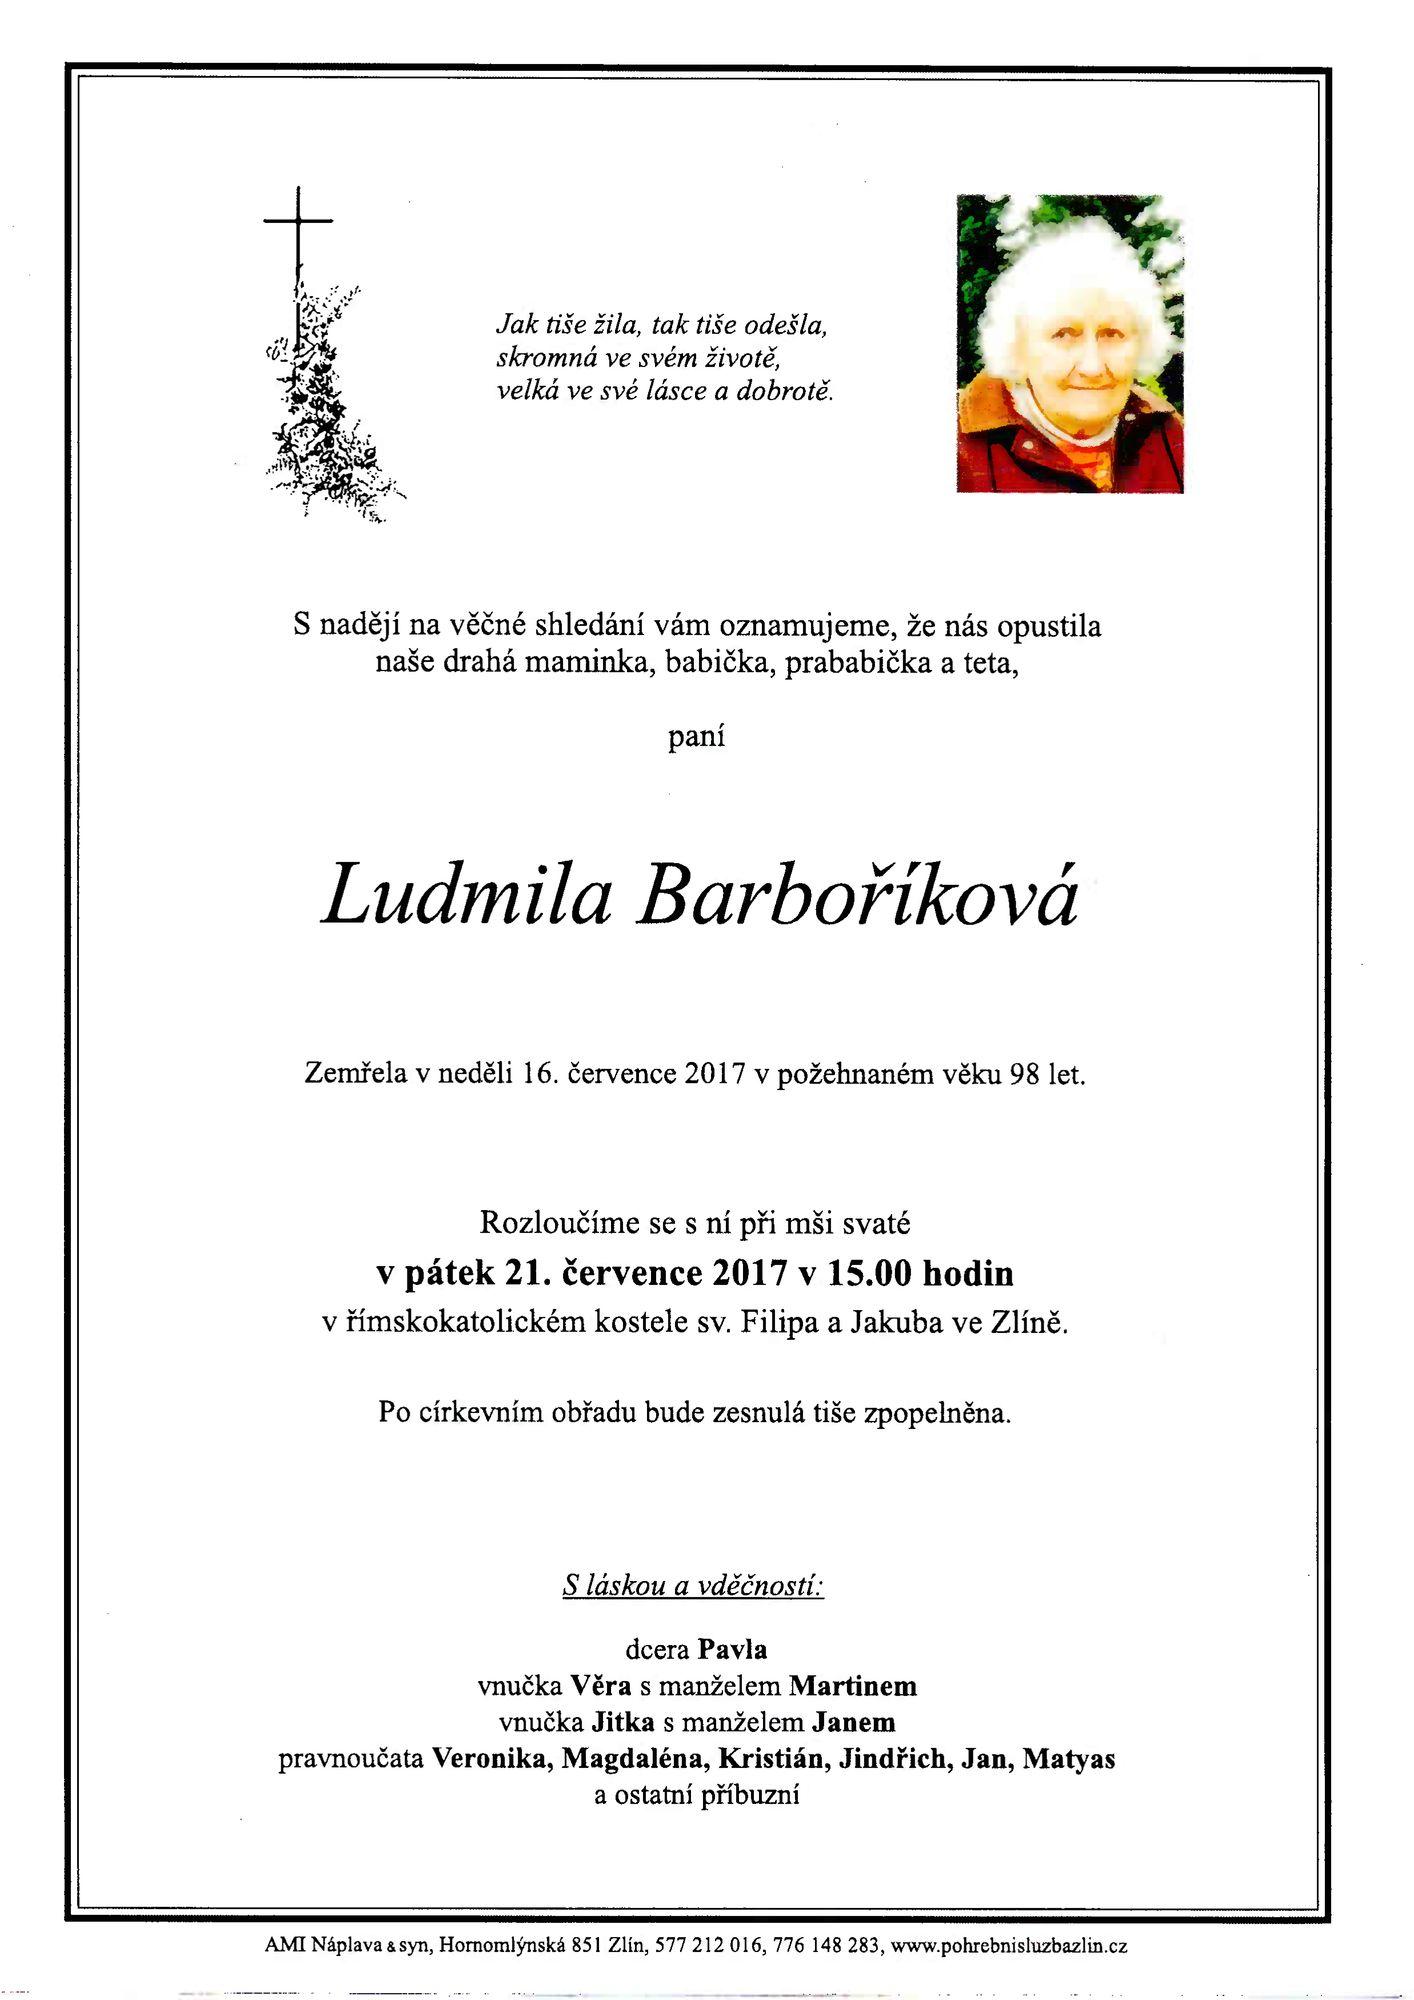 Ludmila Barboříková